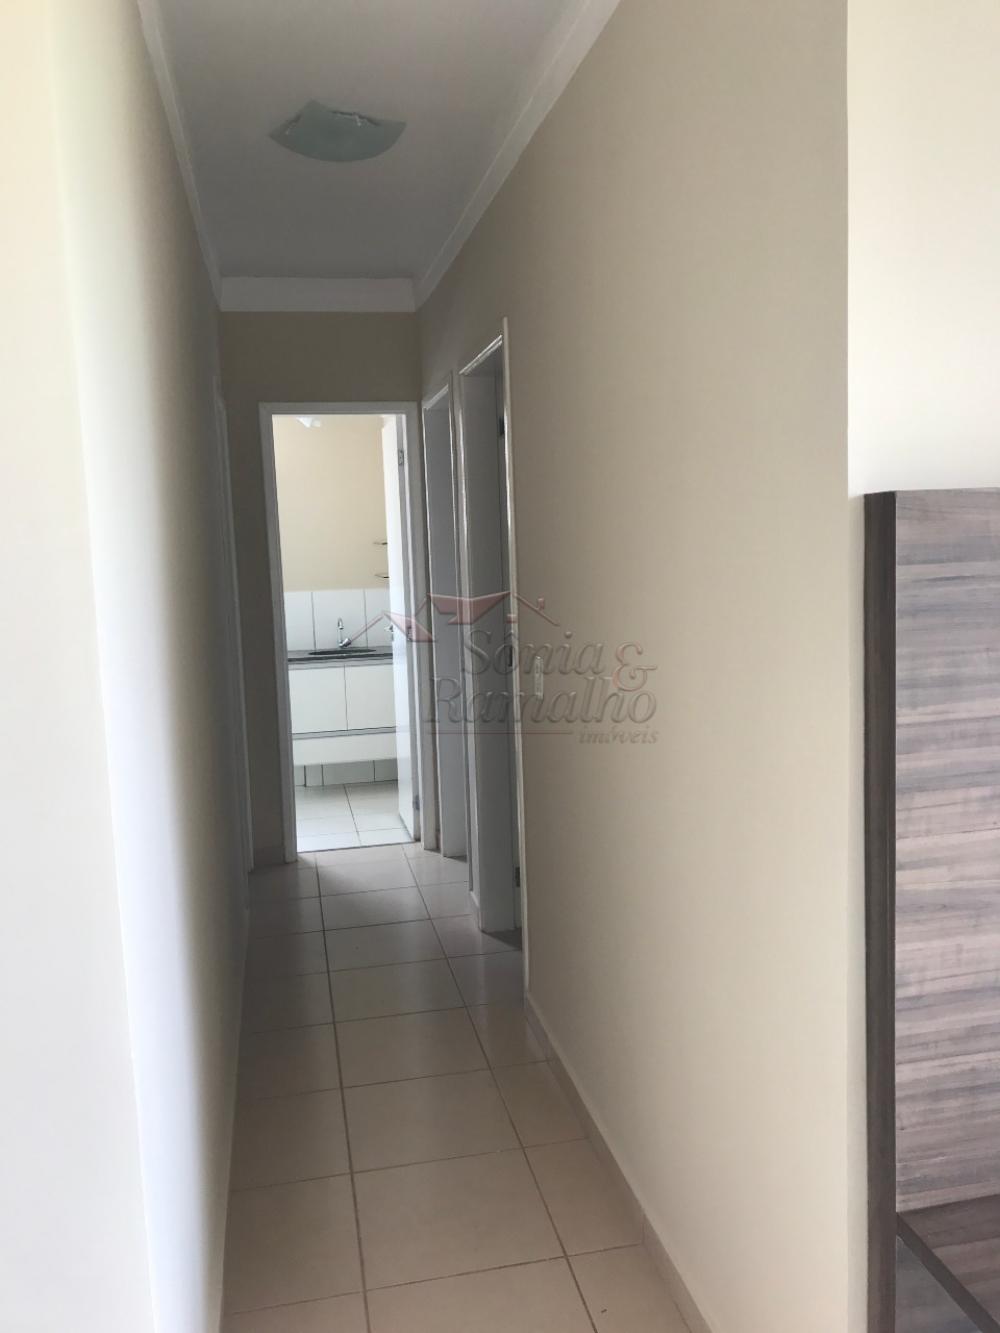 Comprar Apartamentos / Padrão em Ribeirão Preto apenas R$ 280.000,00 - Foto 10